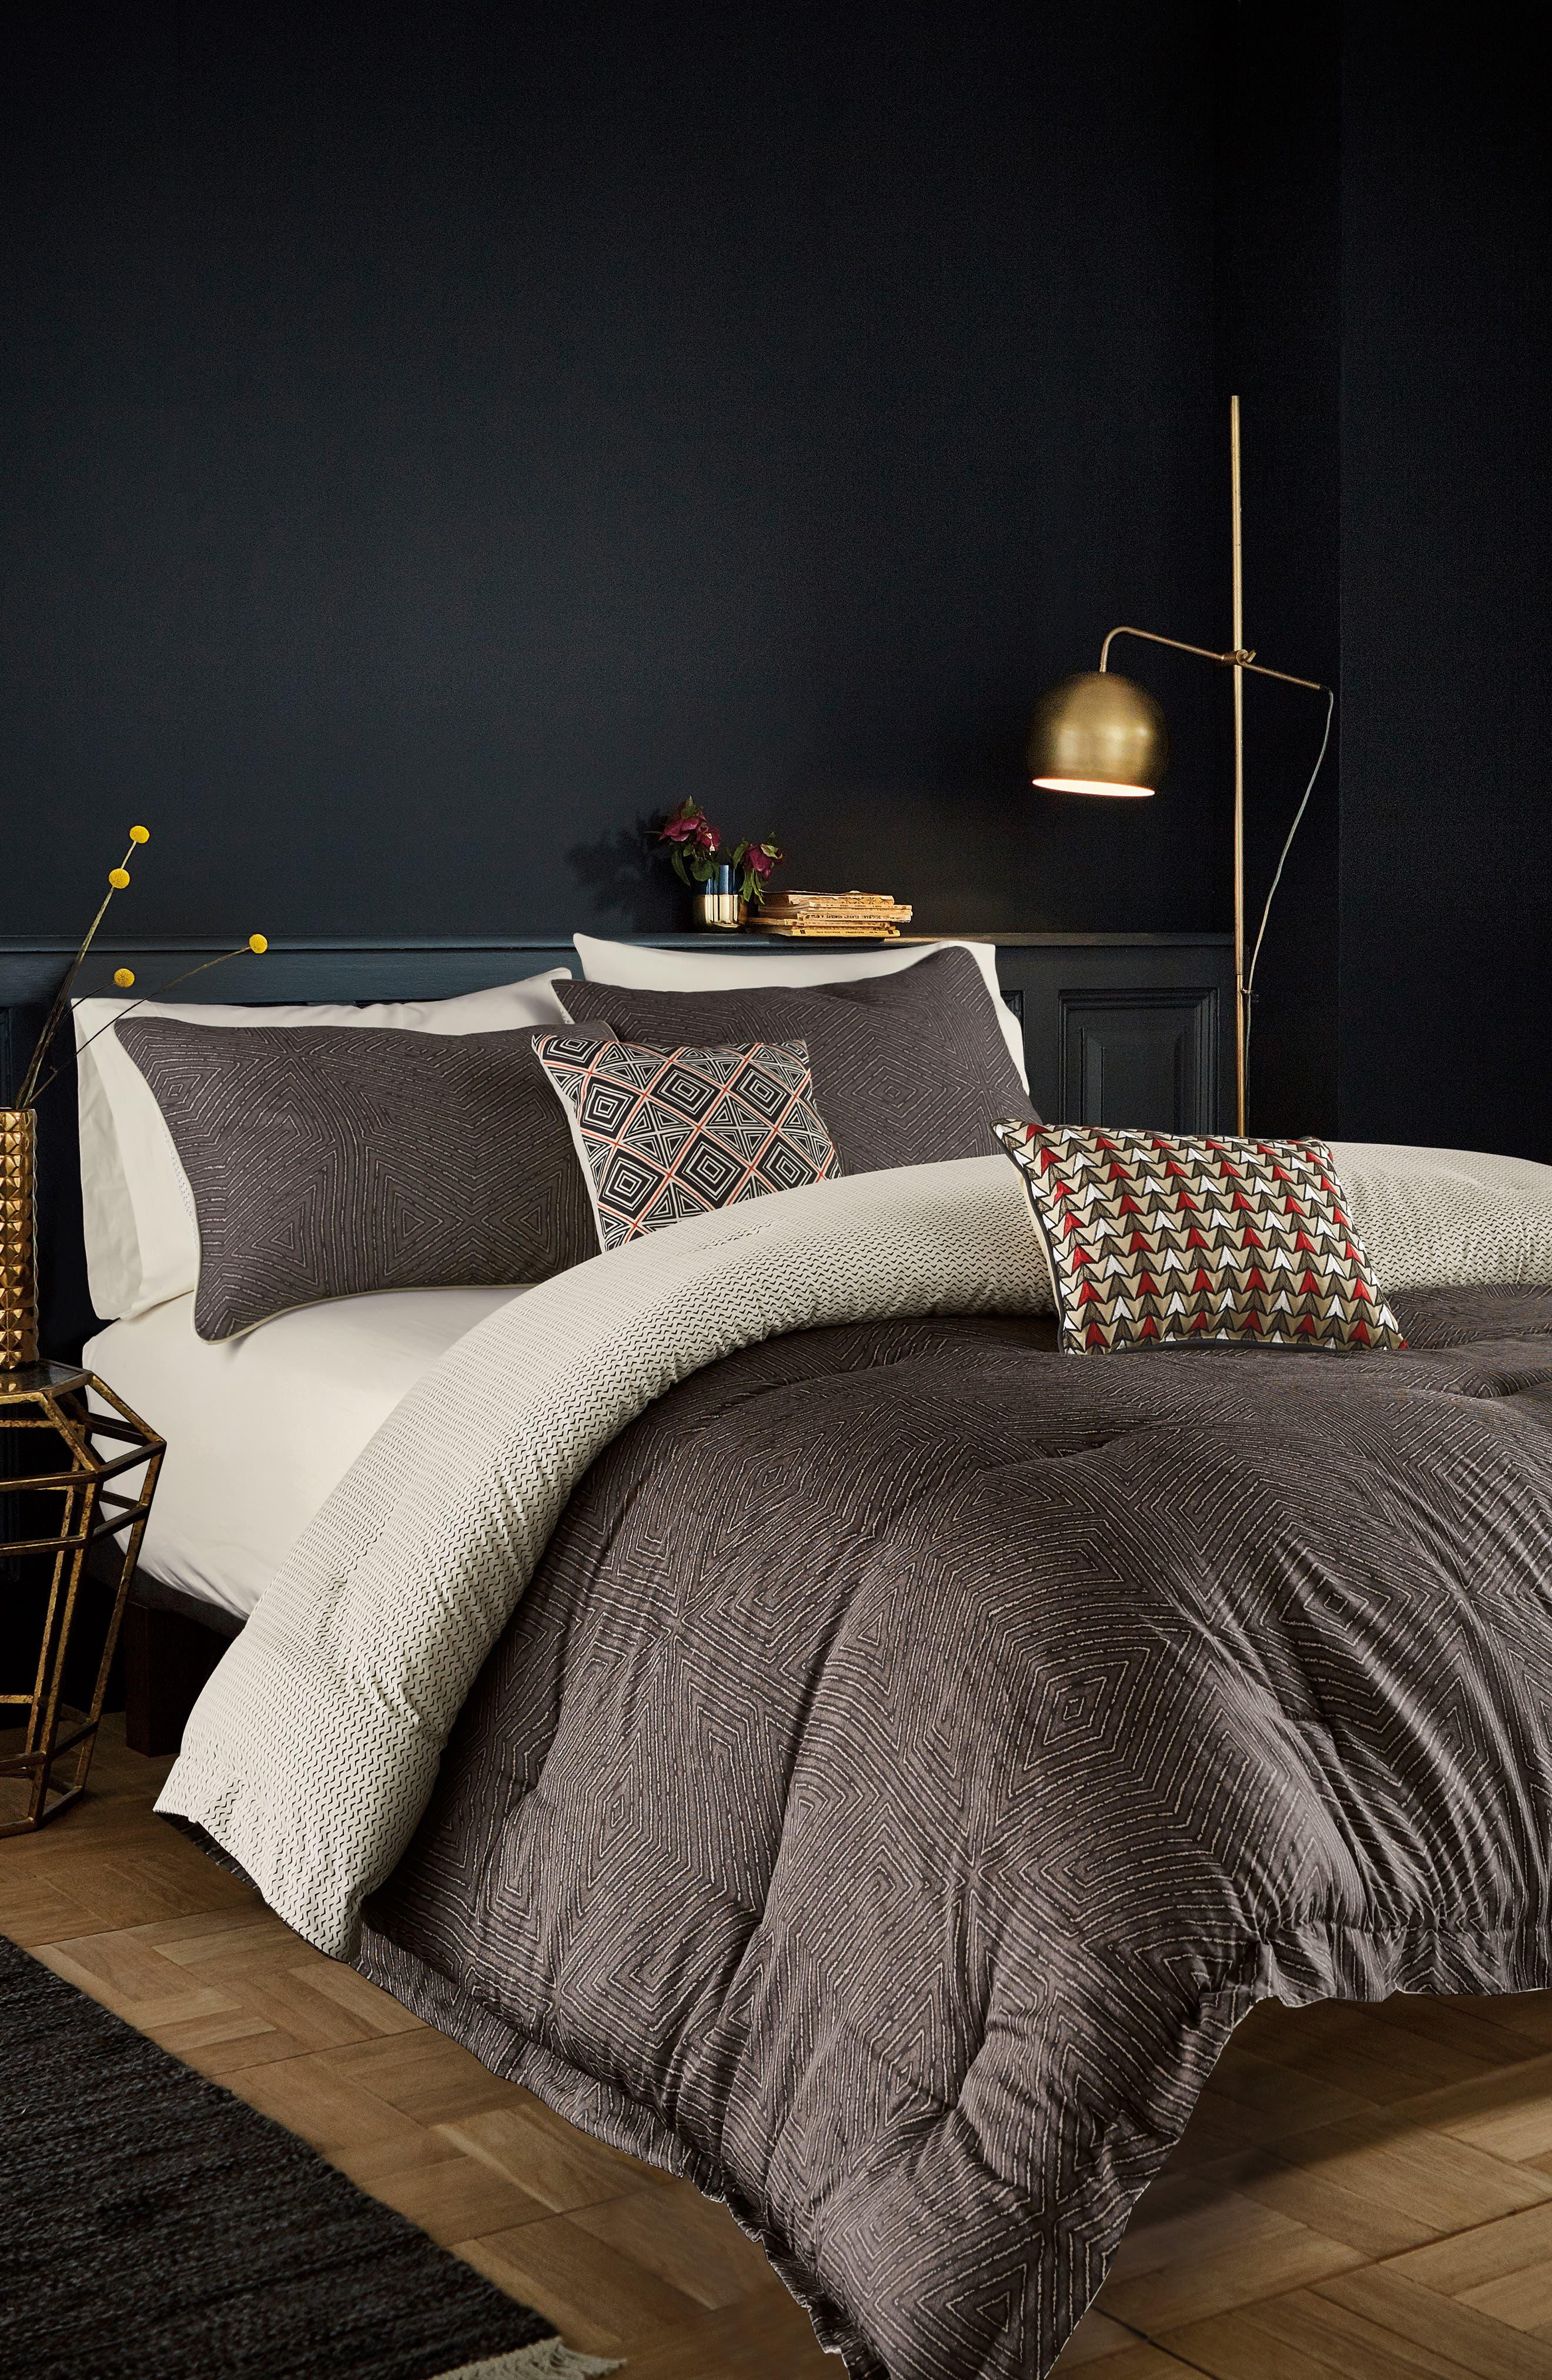 BEDECK,                             Arro Comforter, Sham & Accent Pillow Set,                             Main thumbnail 1, color,                             CHARCOAL